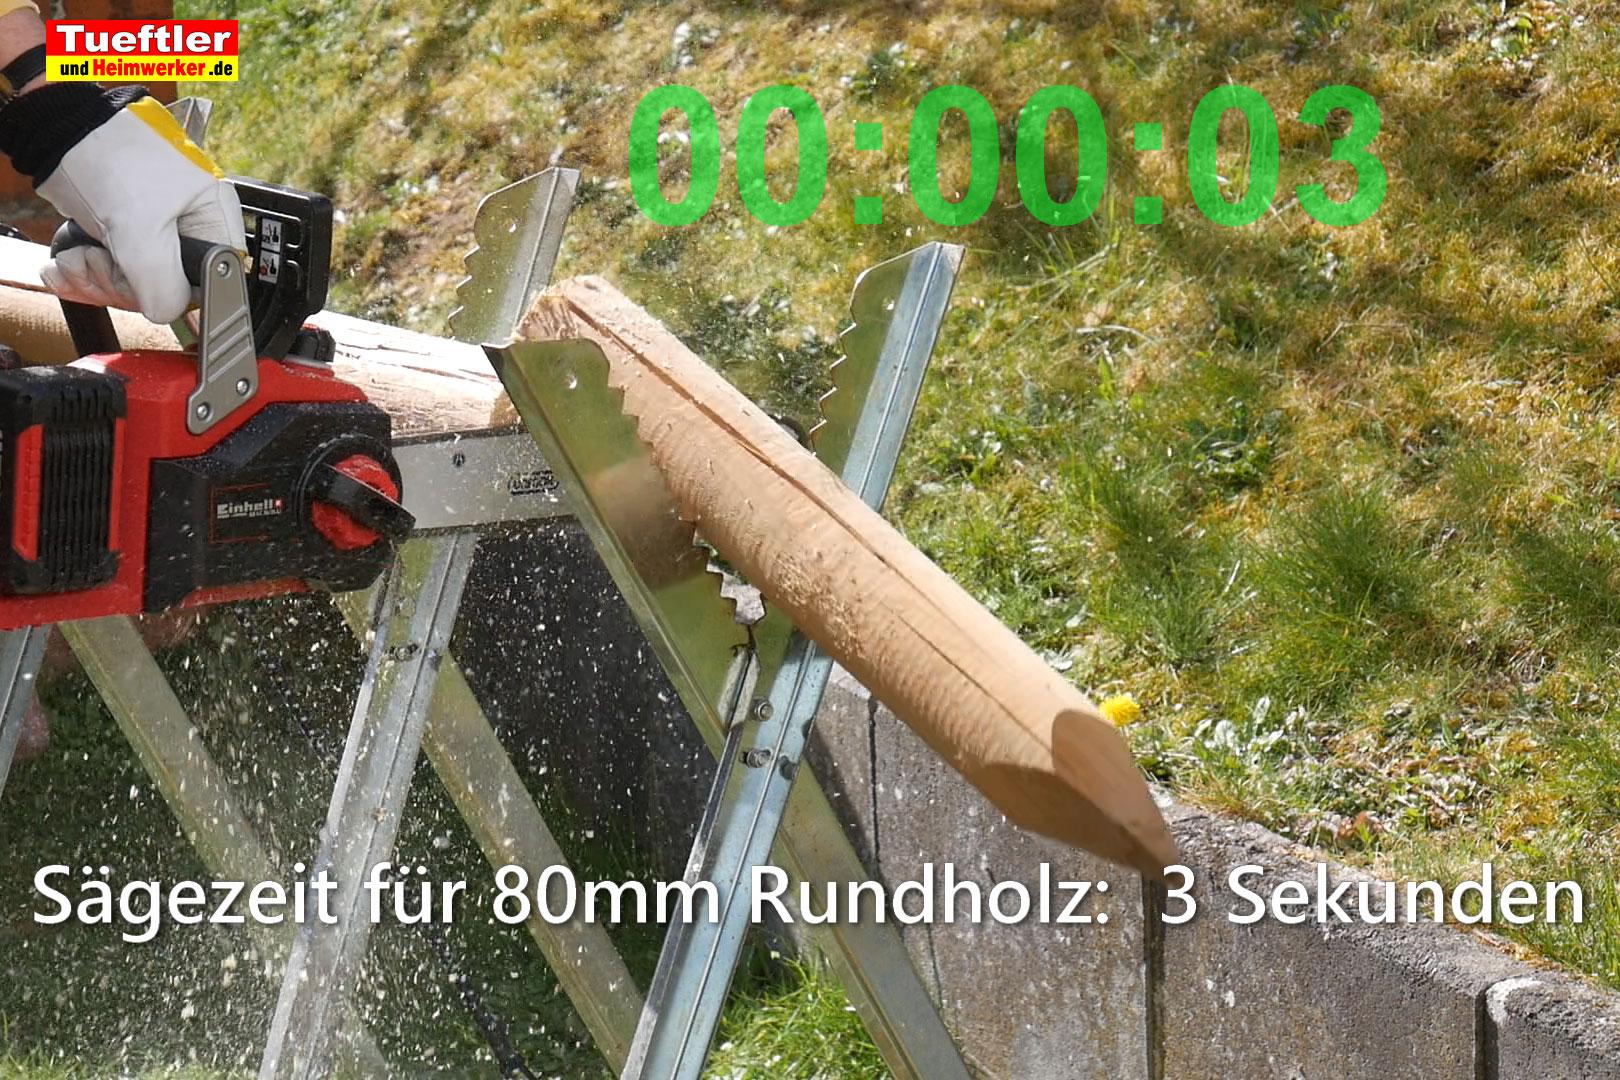 Einhell-GE-LC-36-35-LI-Test-Schnittzeit-80mm